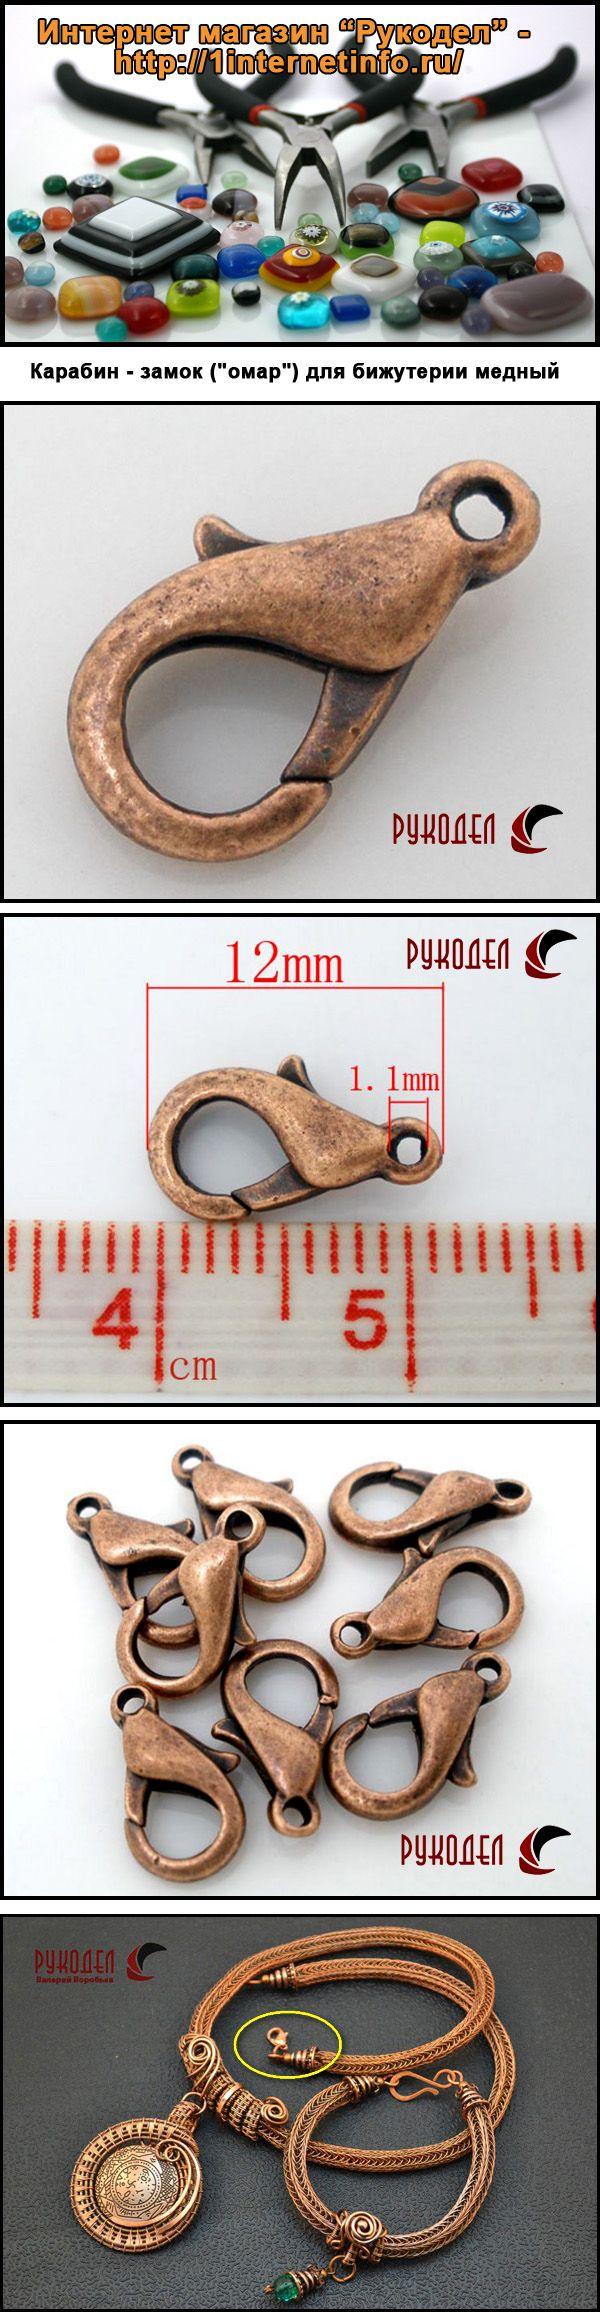 """Карабин - замок (""""омар"""") для бижутерии медный №7  Материал: цинковый сплав  Размер: 12 x 6 мм  Цвет: Античная медь  Цена: 9.00 руб. за 1 шт."""